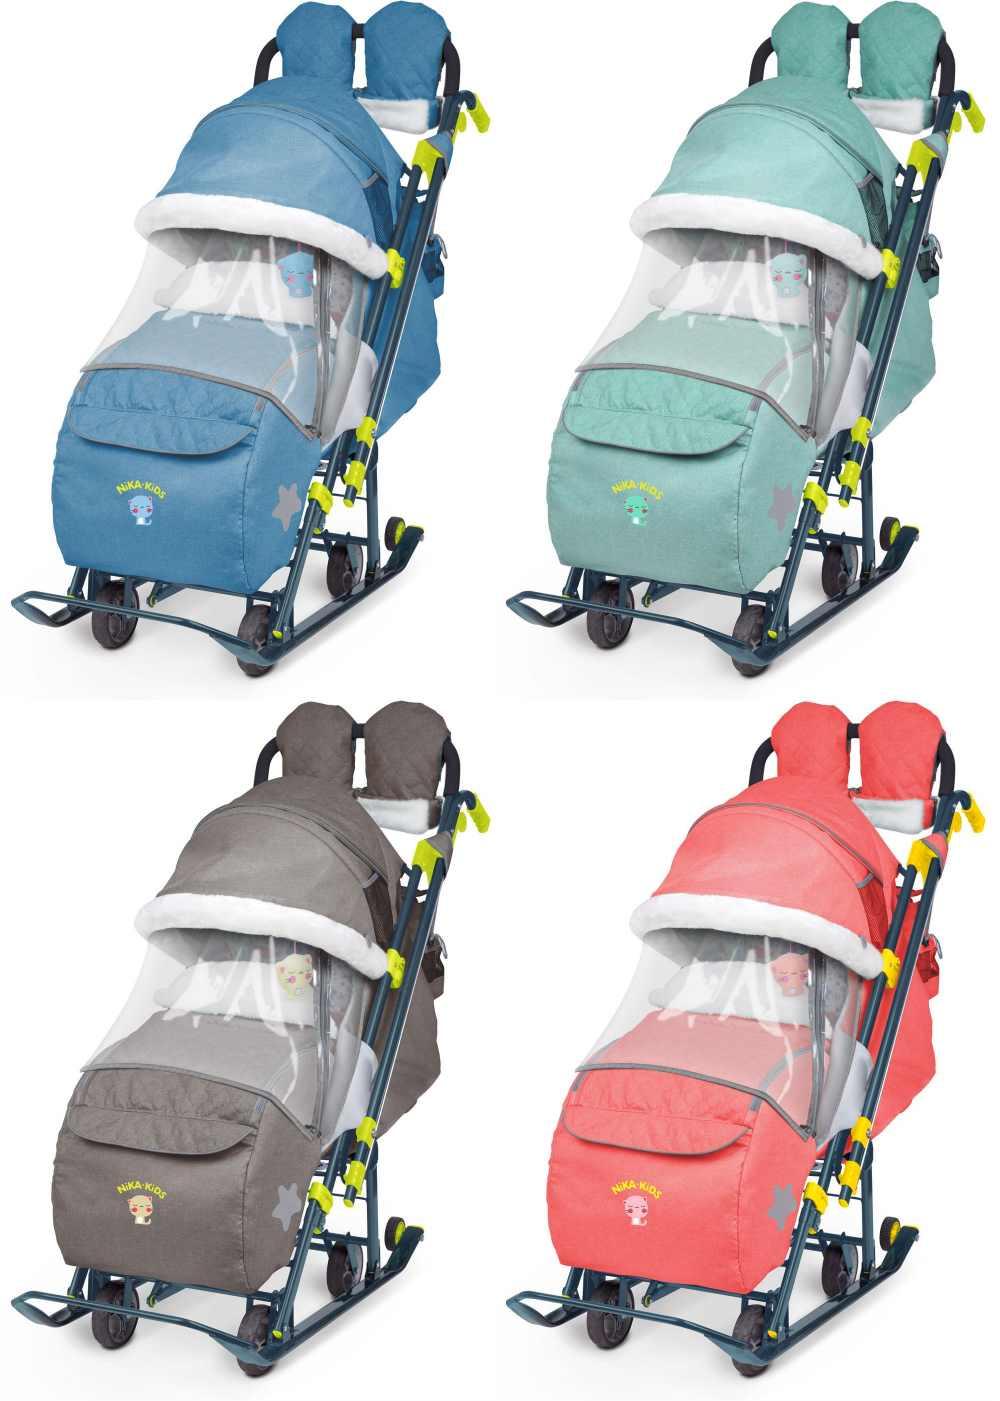 Санки-коляска Ника Детям 7-3 (НД 7 3) купить в Москве недорого, фото ... a28783052ac